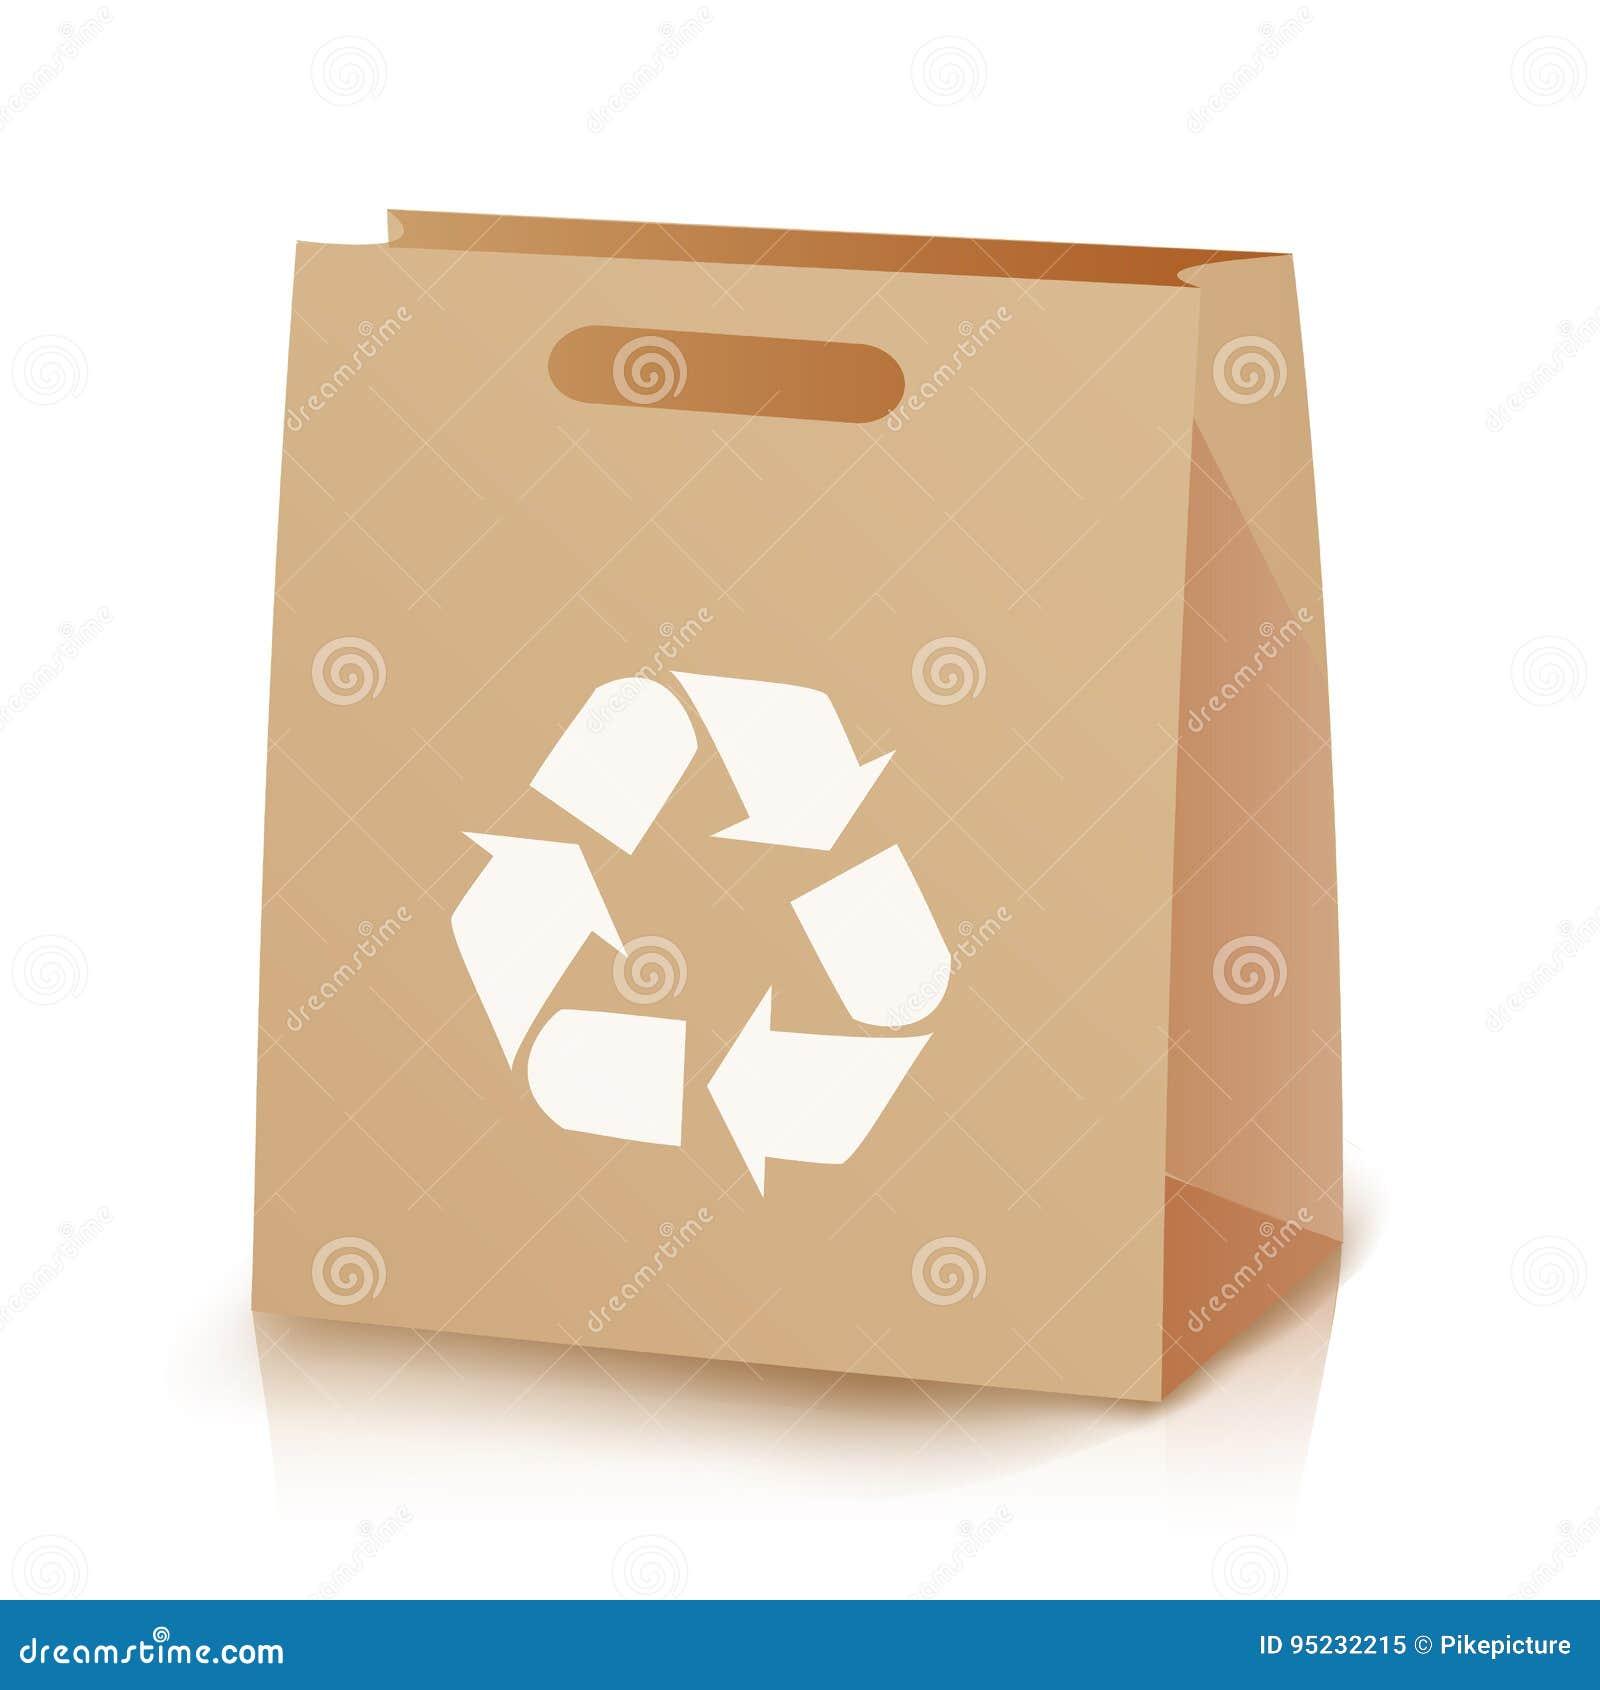 Återanvänd den bruna påsen för shopping Illustration av den återanvända pappers- påsen för brun shopping med handtag återanvändni